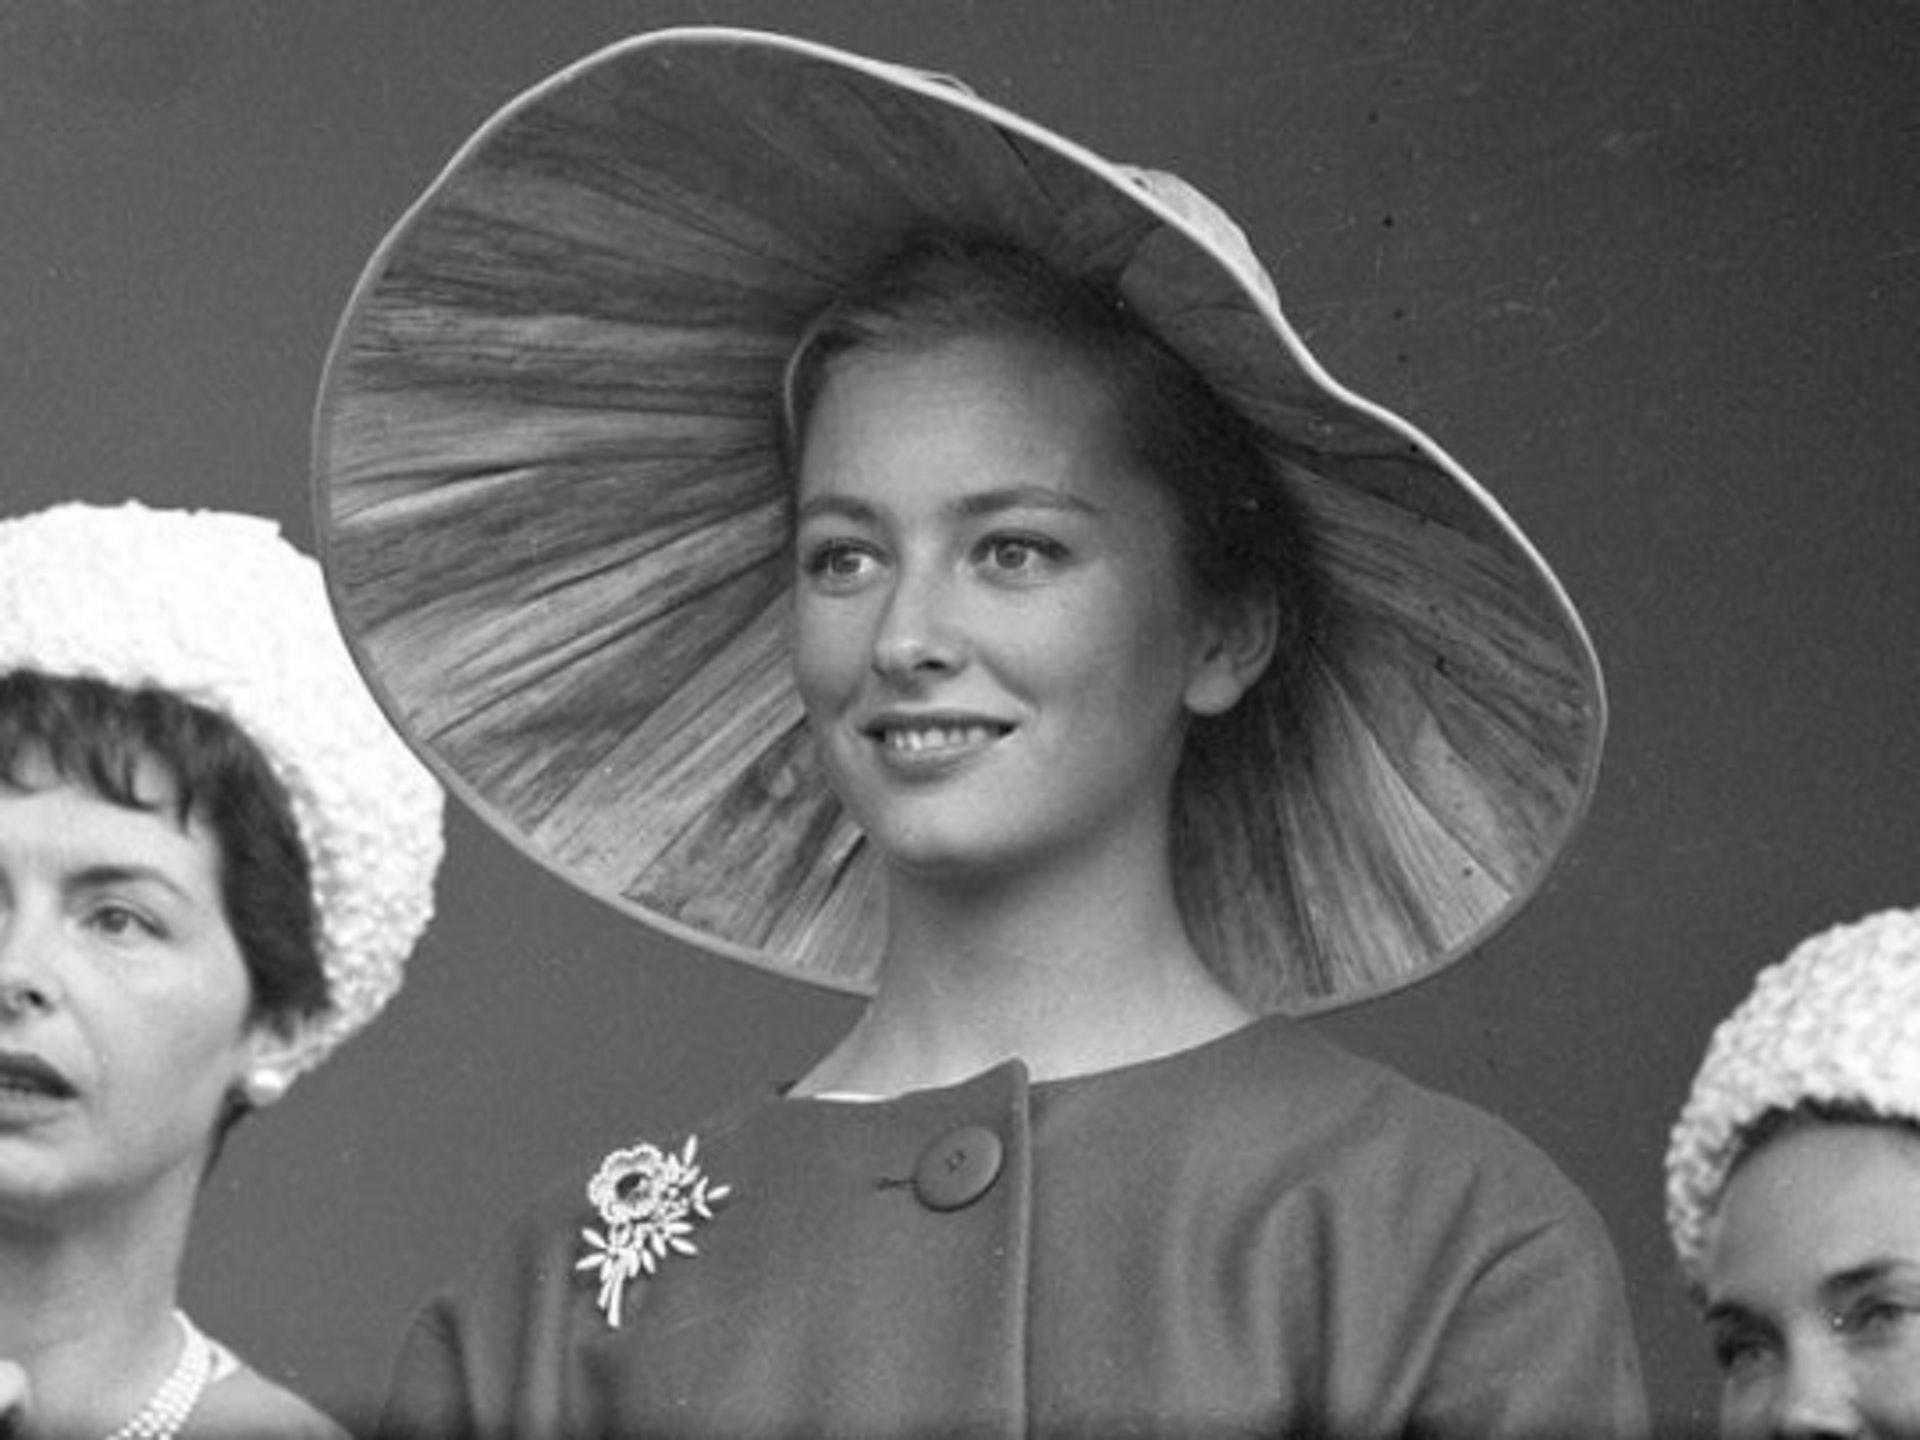 「她还十分年轻,只有21岁。当时的皇室有很多规则,十分严谨,皇室生活不会适合她。婚姻开始出现裂痕,而当阿尔伯遇到另一位女士-同样也面对婚姻问题,他们似找到了互相陪伴的理由。」 (Royal Ladies@Twitter)